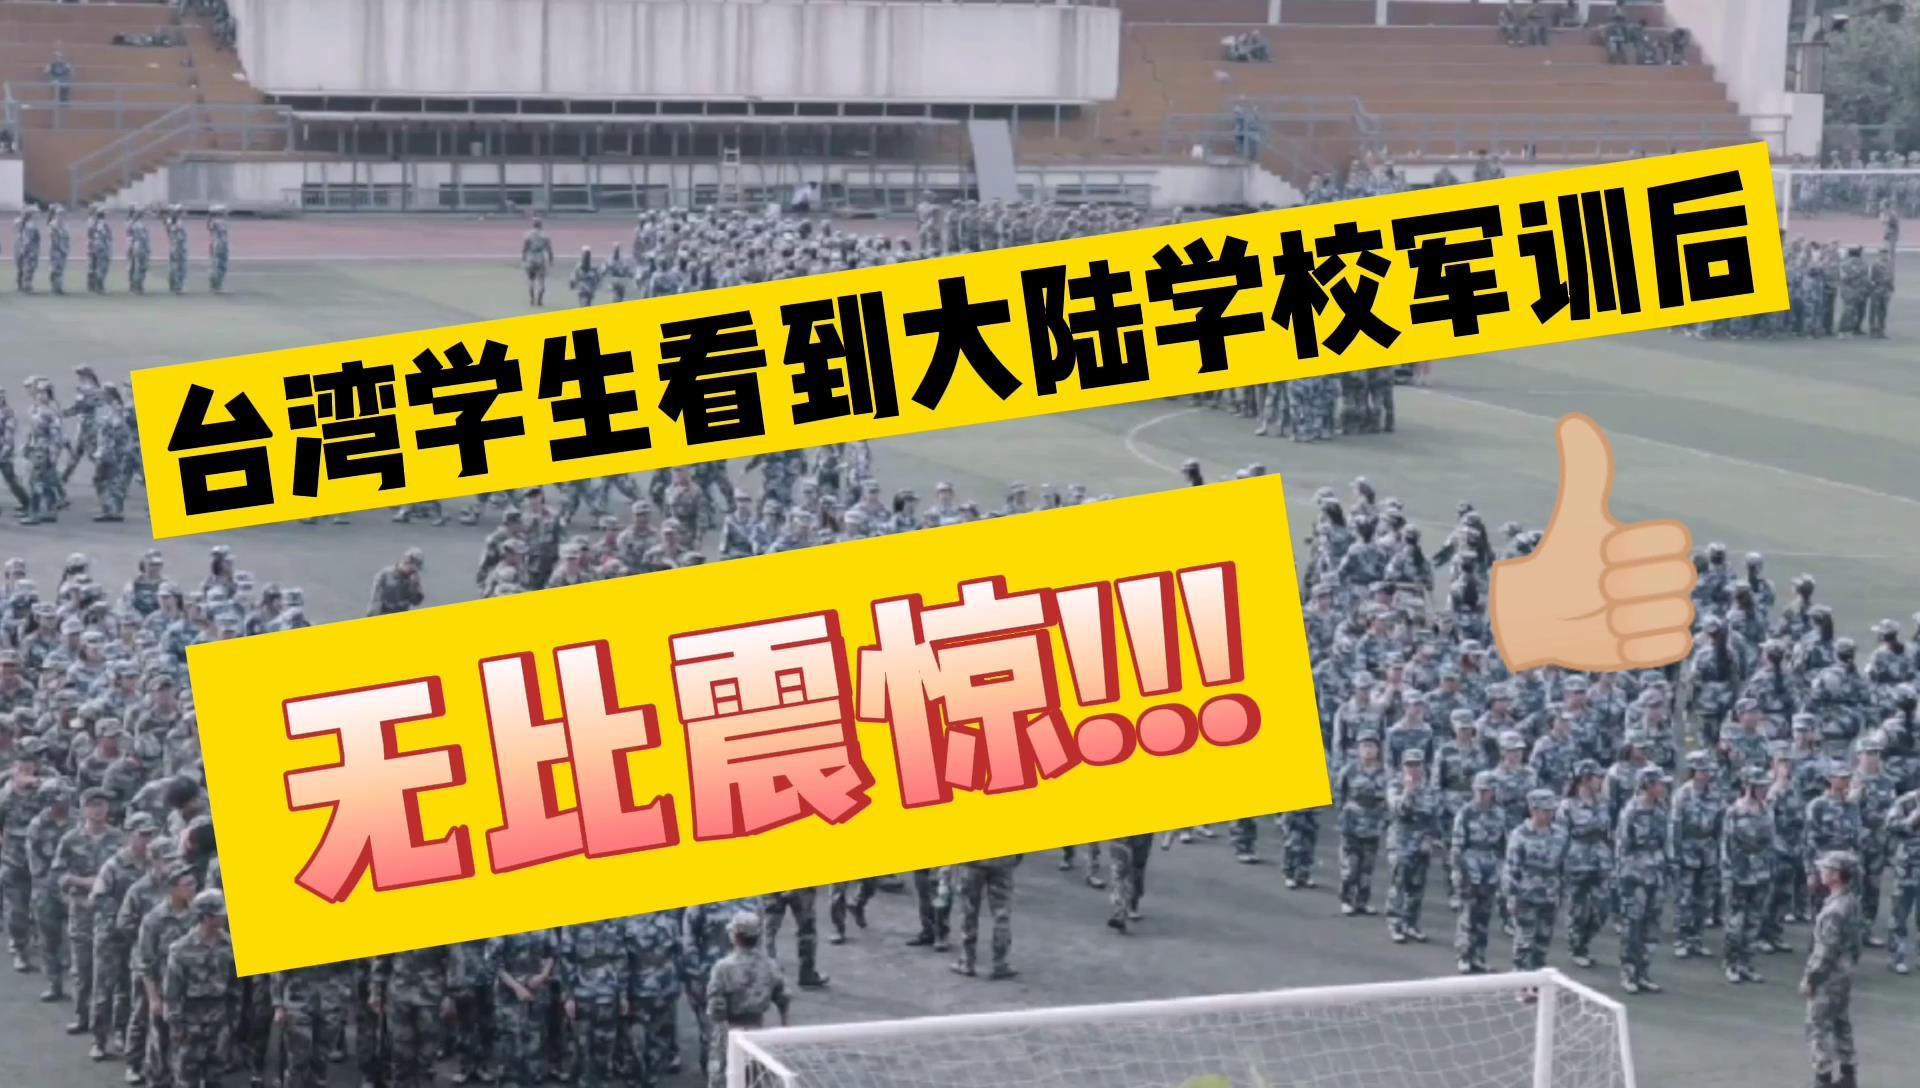 臺灣學生看到大陸學生軍訓后無比震驚!!!圖片